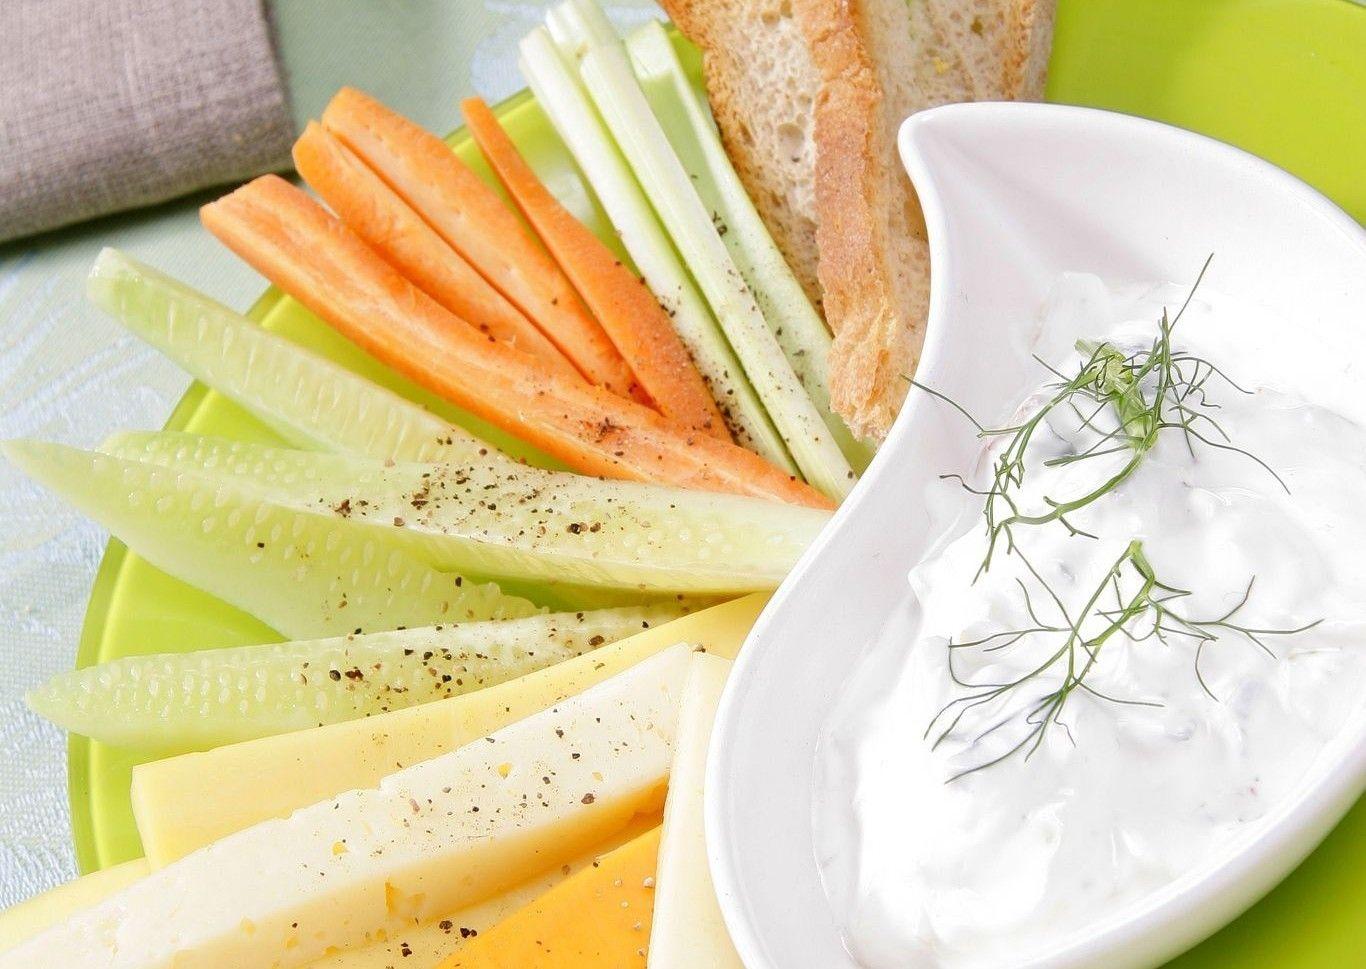 Dips De Verduras Con Salsa De Yogur Receta Salsa De Yogur Comida Saludable Ensaladas Verduras